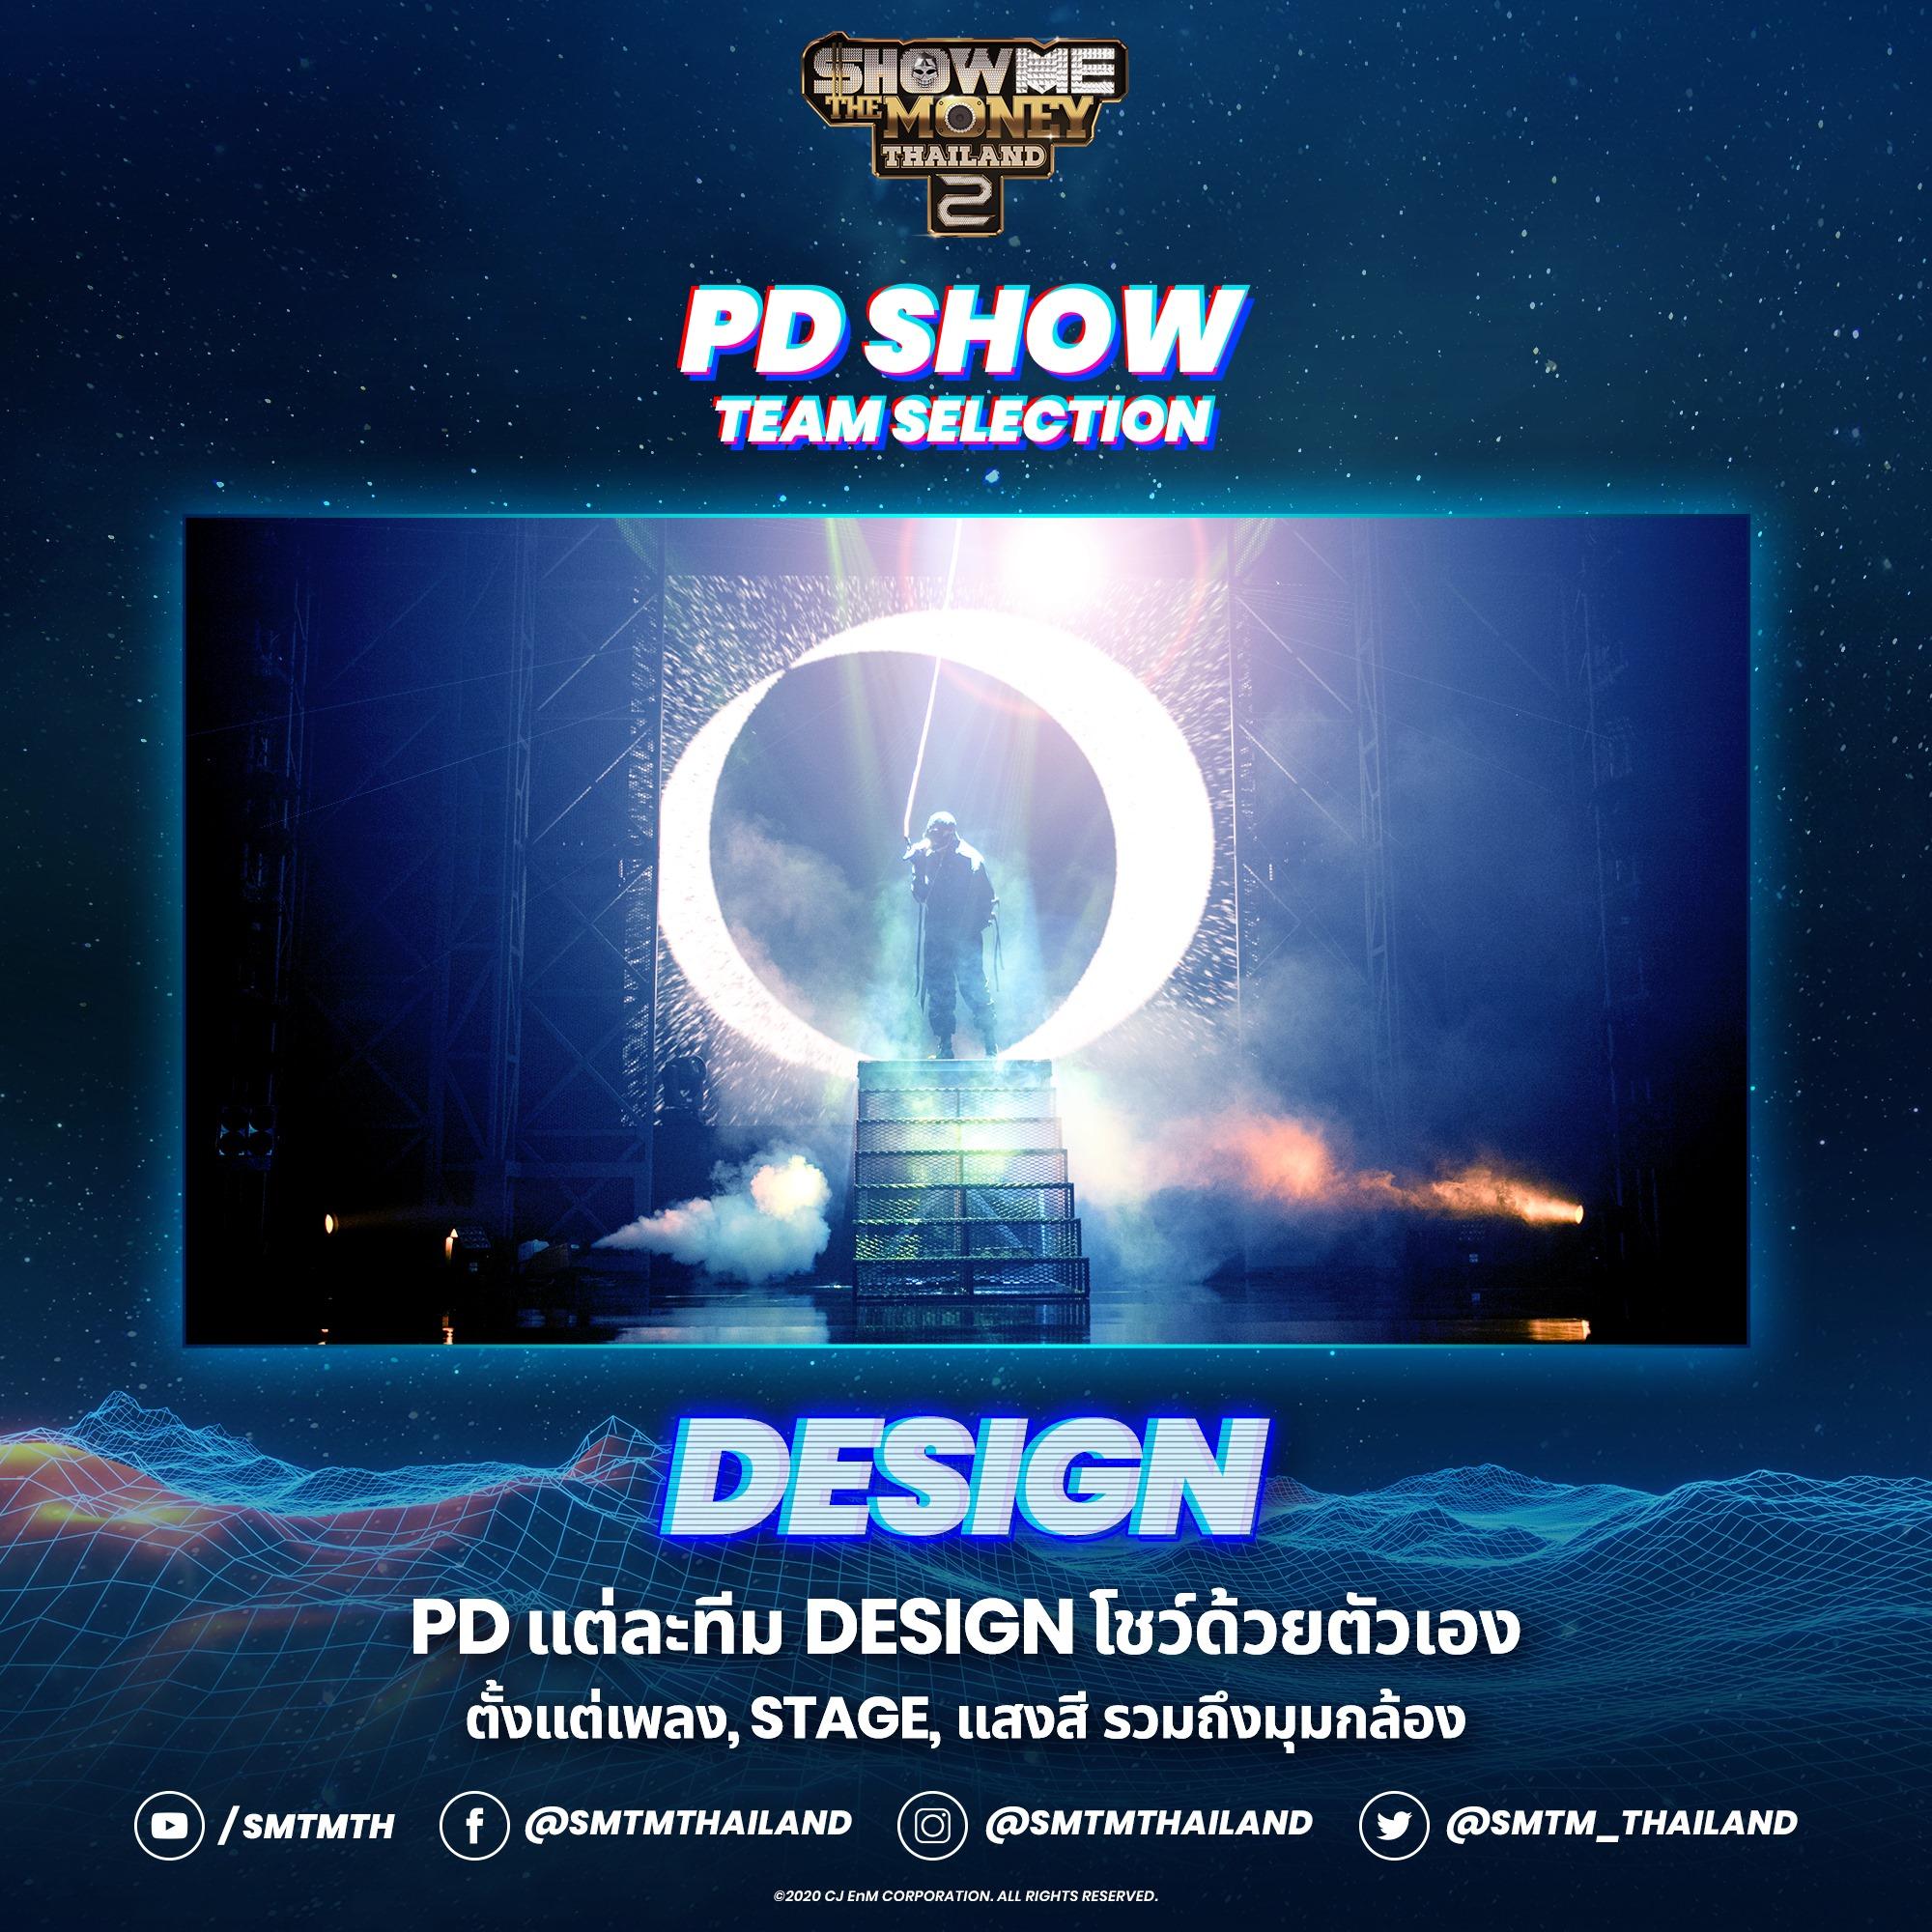 7 เหตุผลที่ต้องดู PD SHOW : DESIGN